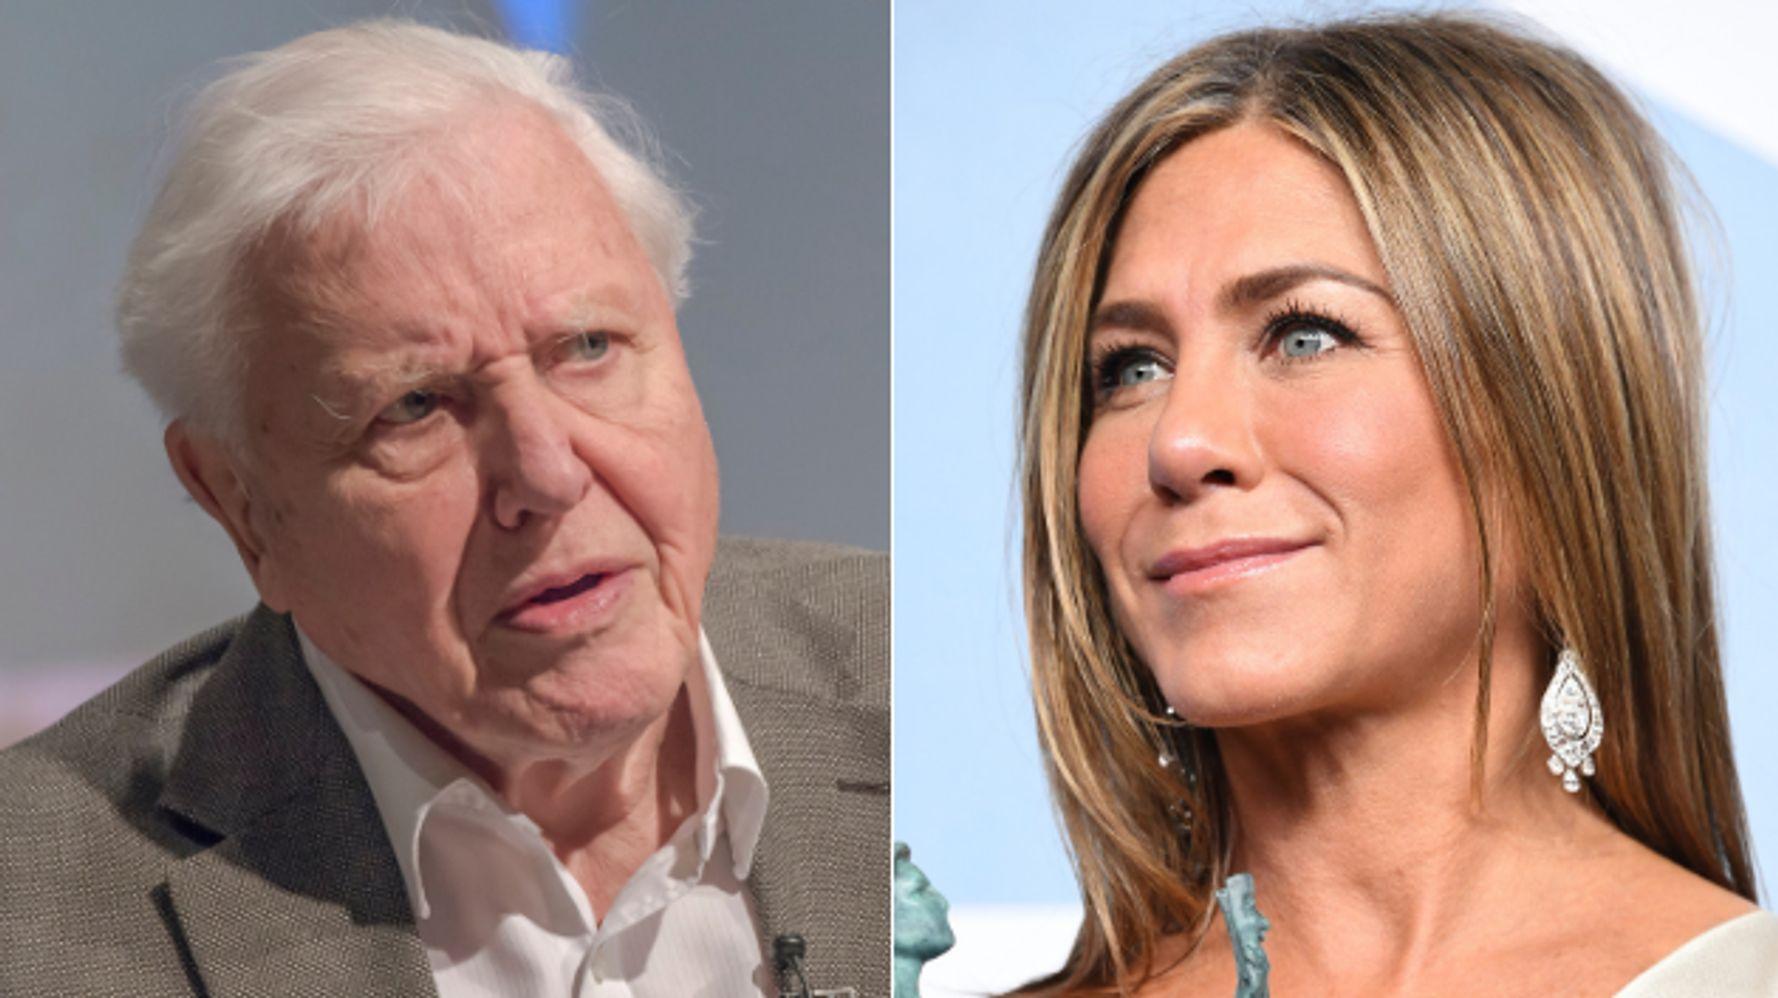 El Científico David Attenborough Supera El Récord De Jennifer Aniston En Instagram Por 31 Minutos El Huffpost Life